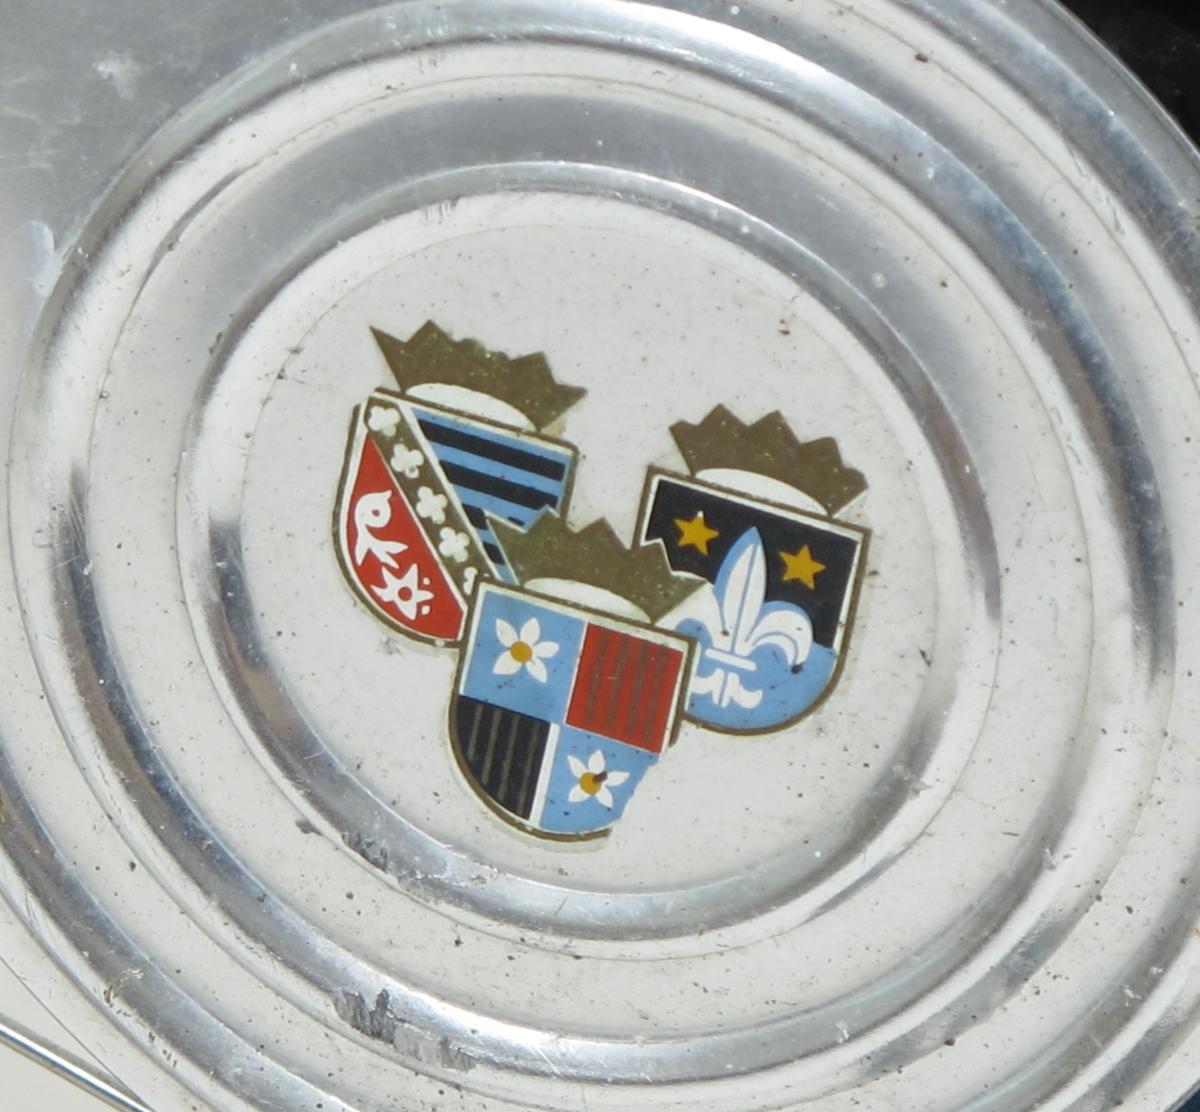 Damesykkel av vanlig type omkring 1960. Blå lakk, med hvit staffagefarge. Forbrems på høyre side av styret, ringeklokke (original) på venstre side. Kodelås (2 - 2 -2 er koden, sa giver, 2 til venstre, 2 til høyre og igjen 2 til venstre). Verktøykasse m. skuff til pumpe og verktøy og lappesaker under bagasjebrettet. Originale gummireimer over bagasjebrettet. Sidestøtte for parkering. Lykt og dynamo. Varemerke på ramme.